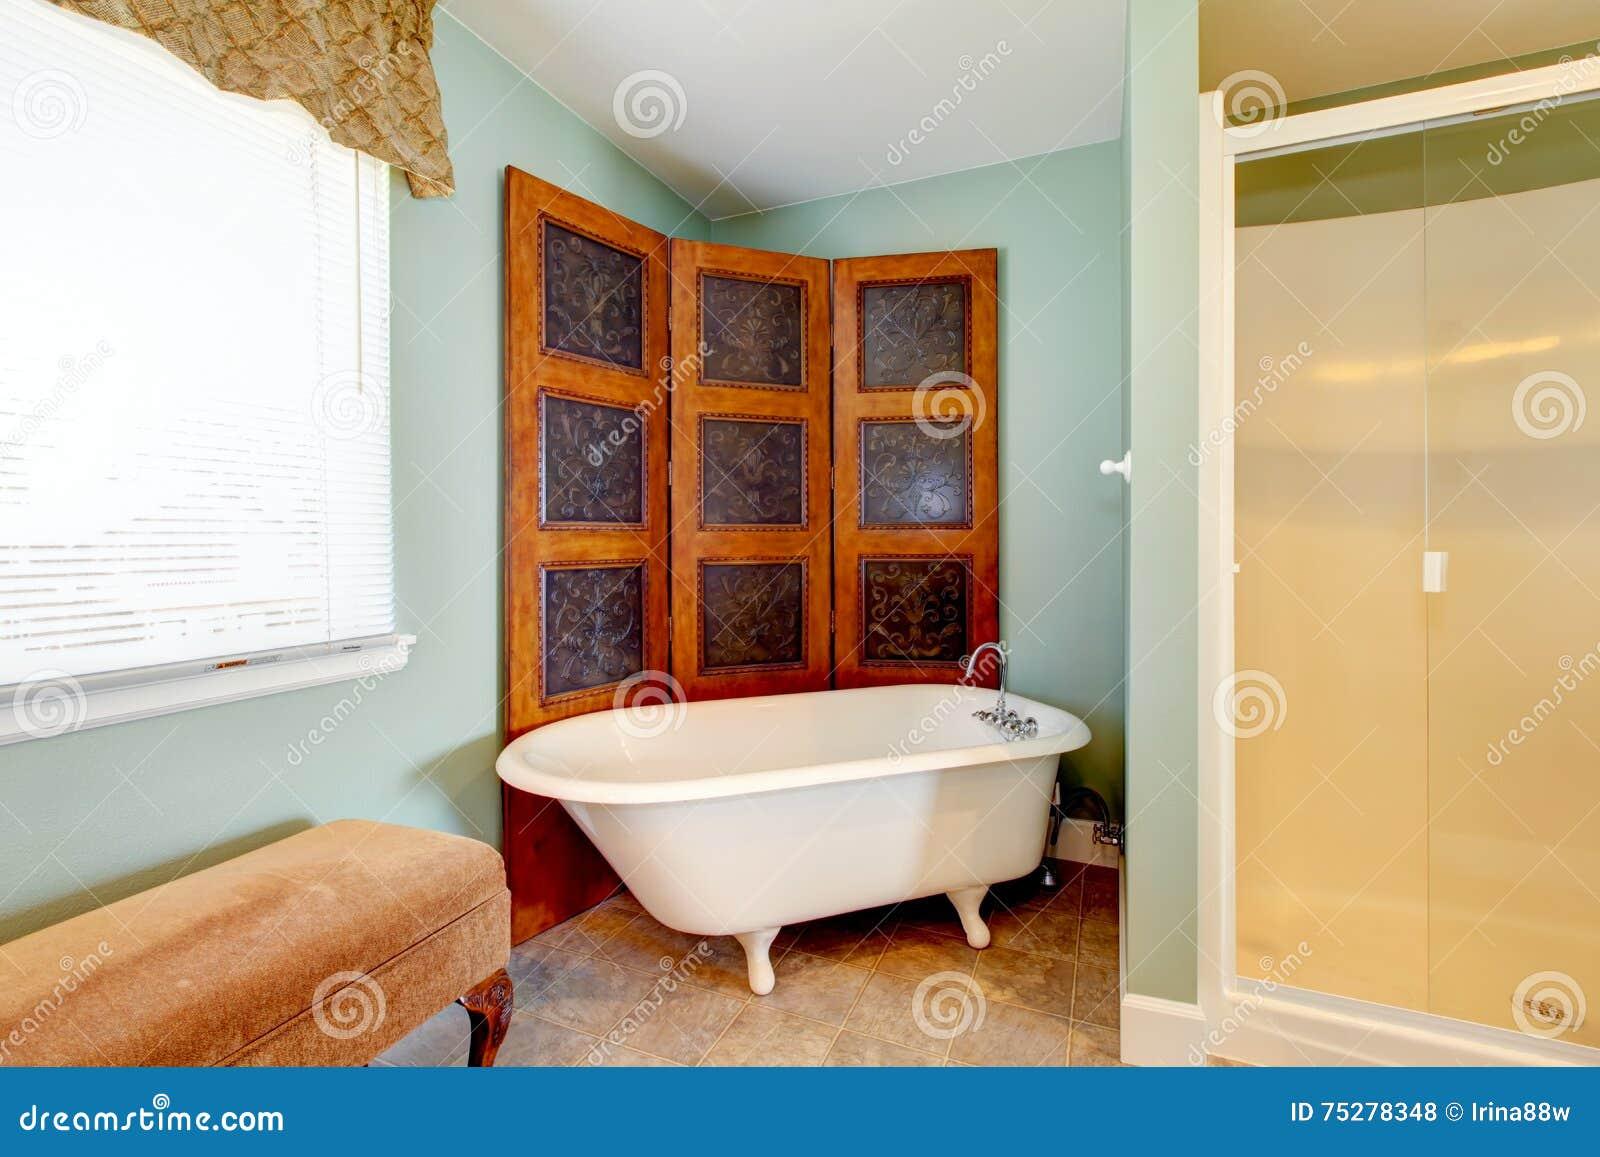 Vasca Da Bagno Antica : La tendenza delle vasche da bagno antiche per il bagno arrediamo